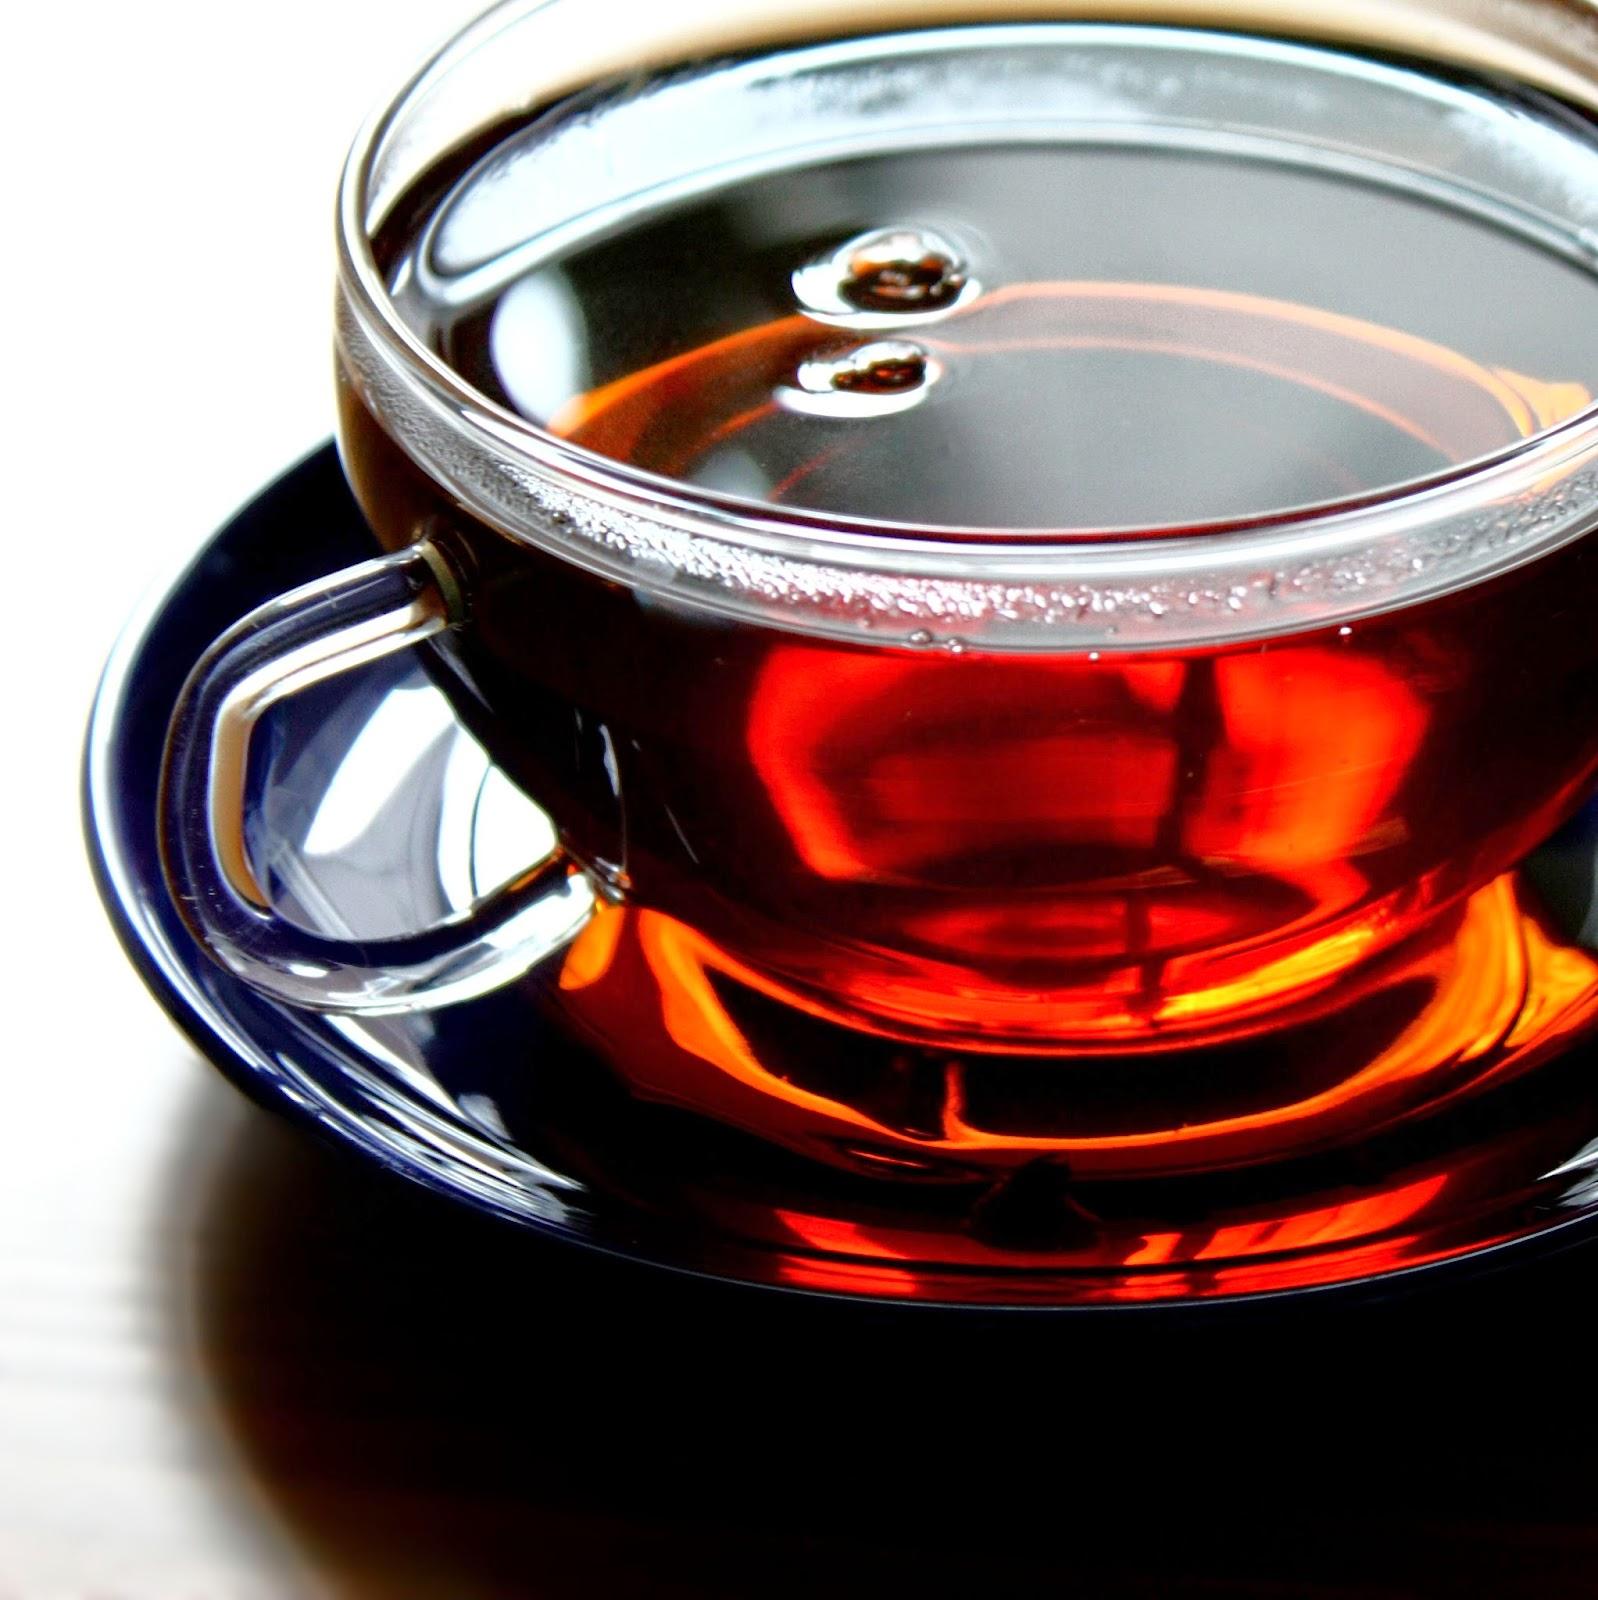 10 Best Healthy Benefits of Black Tea